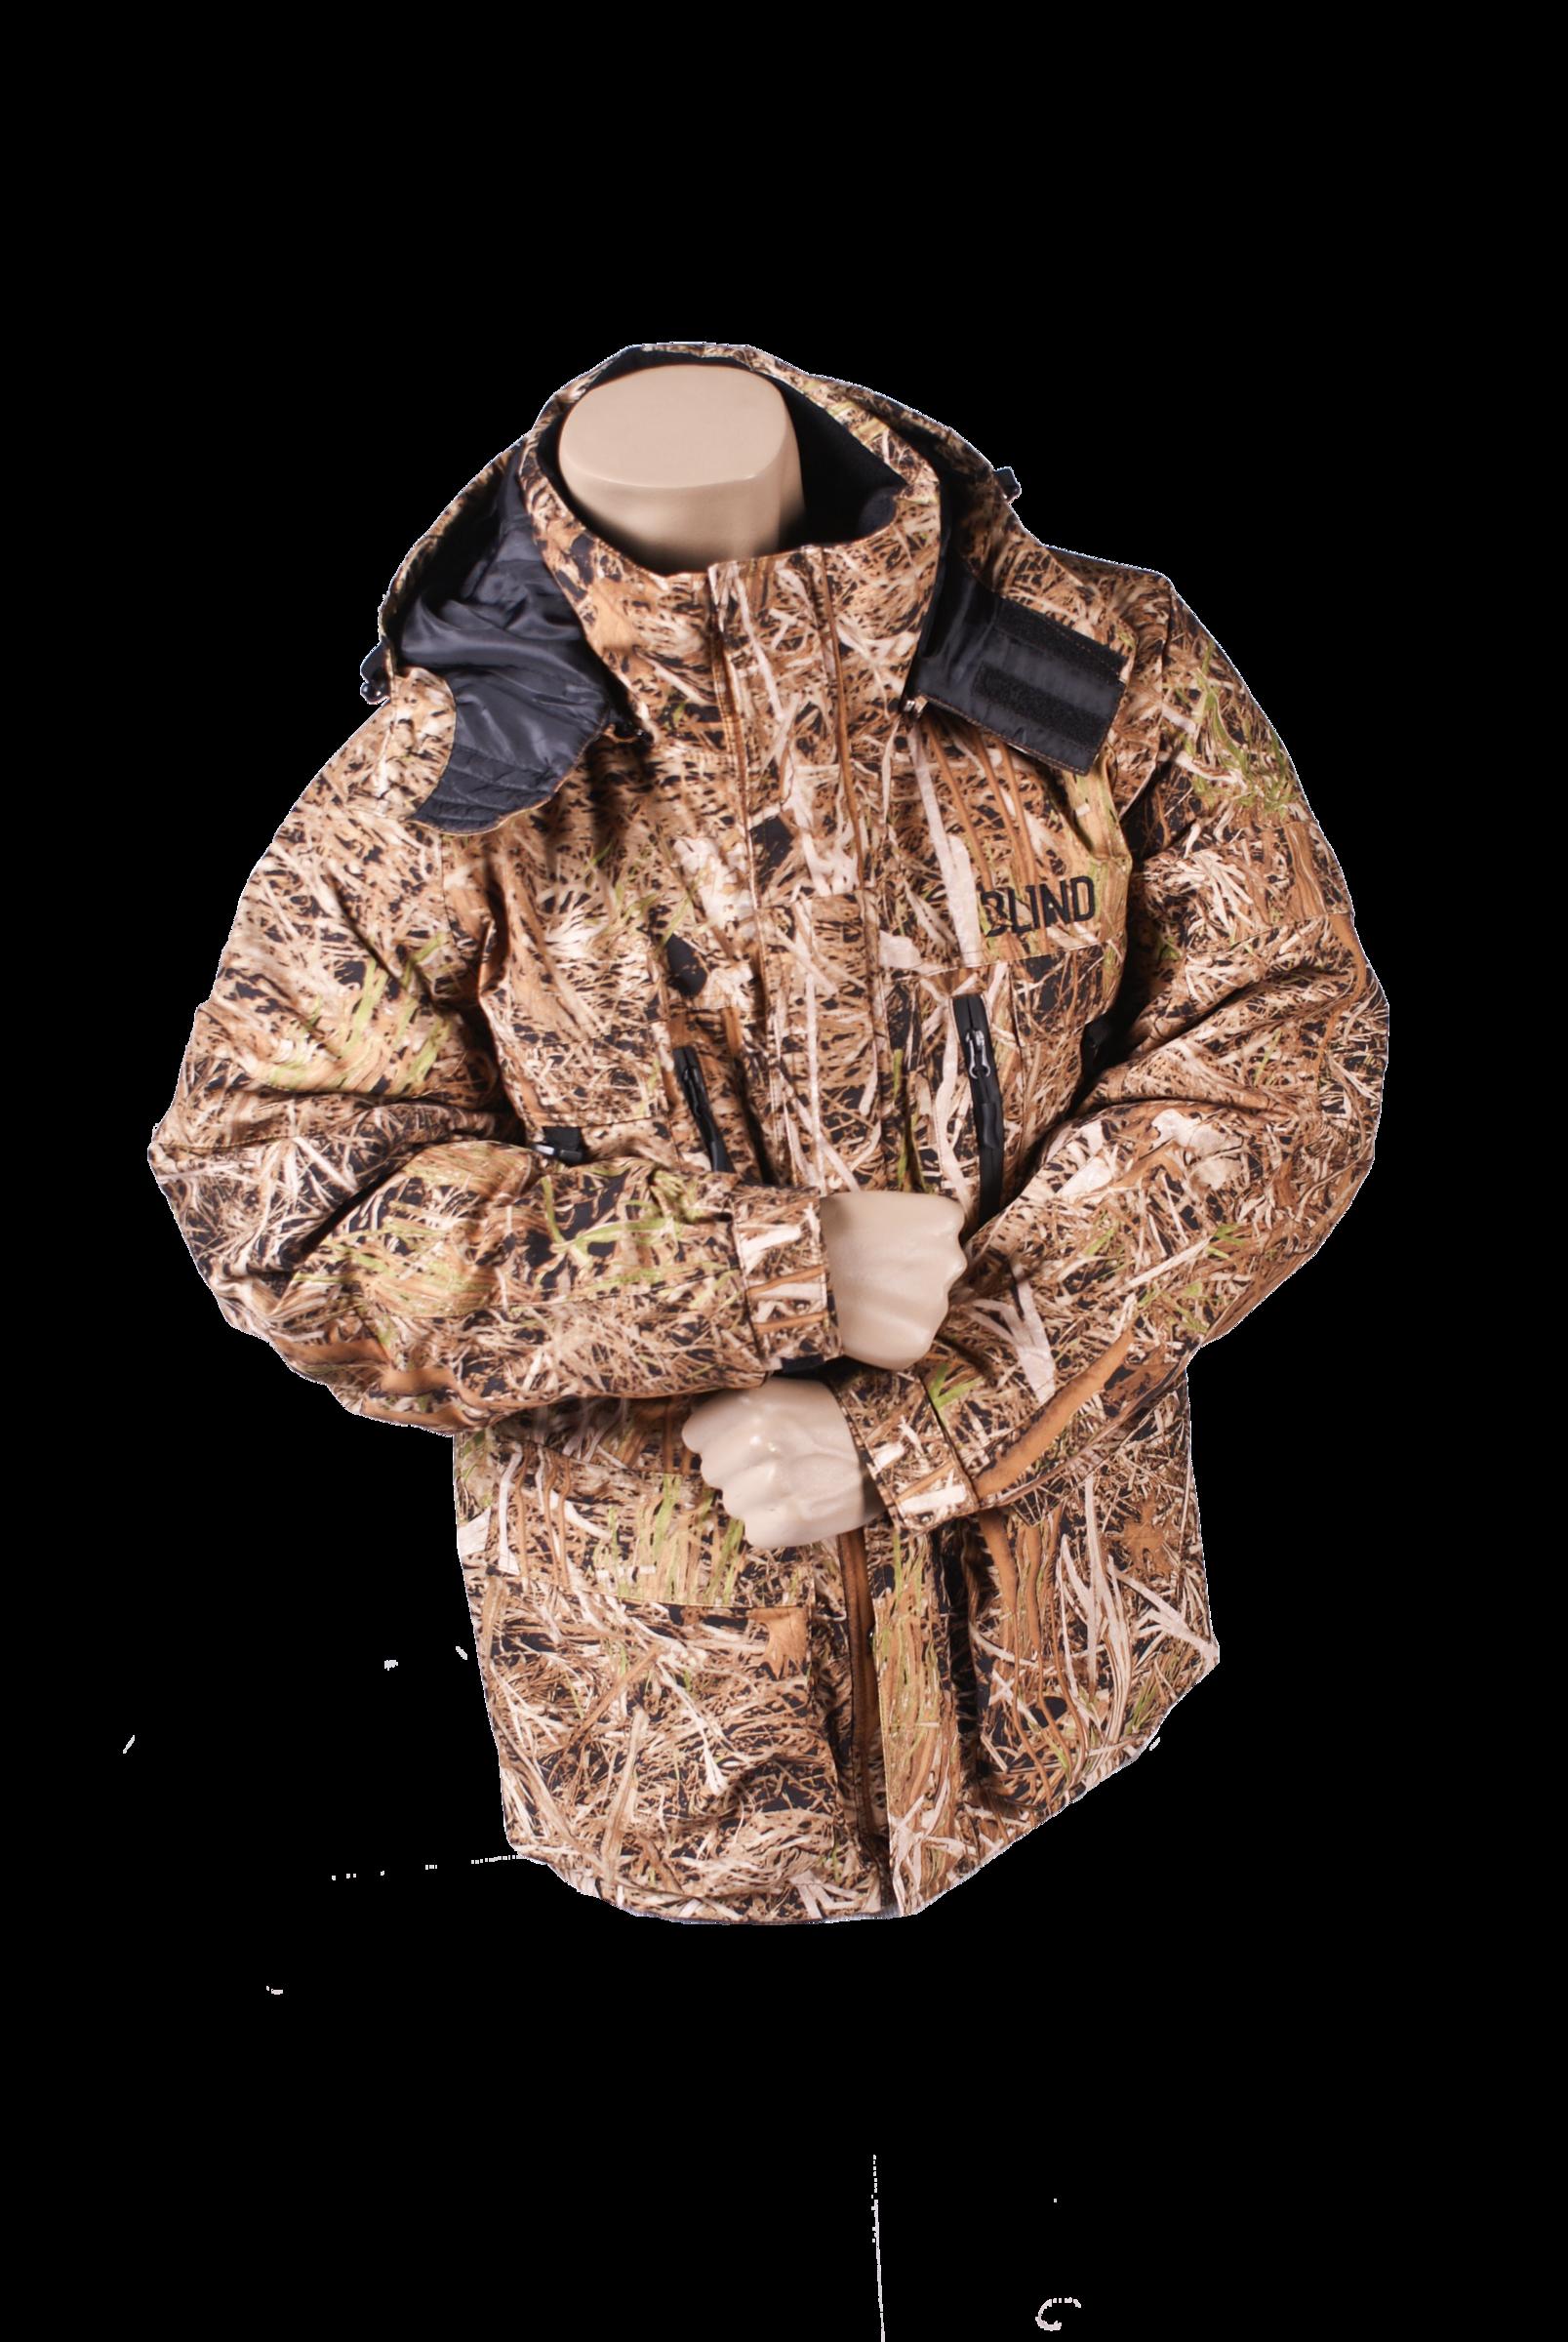 31b105f0d81a5 Striker Brands Duck Blind Sureflote Jacket - The Reel Angler ...